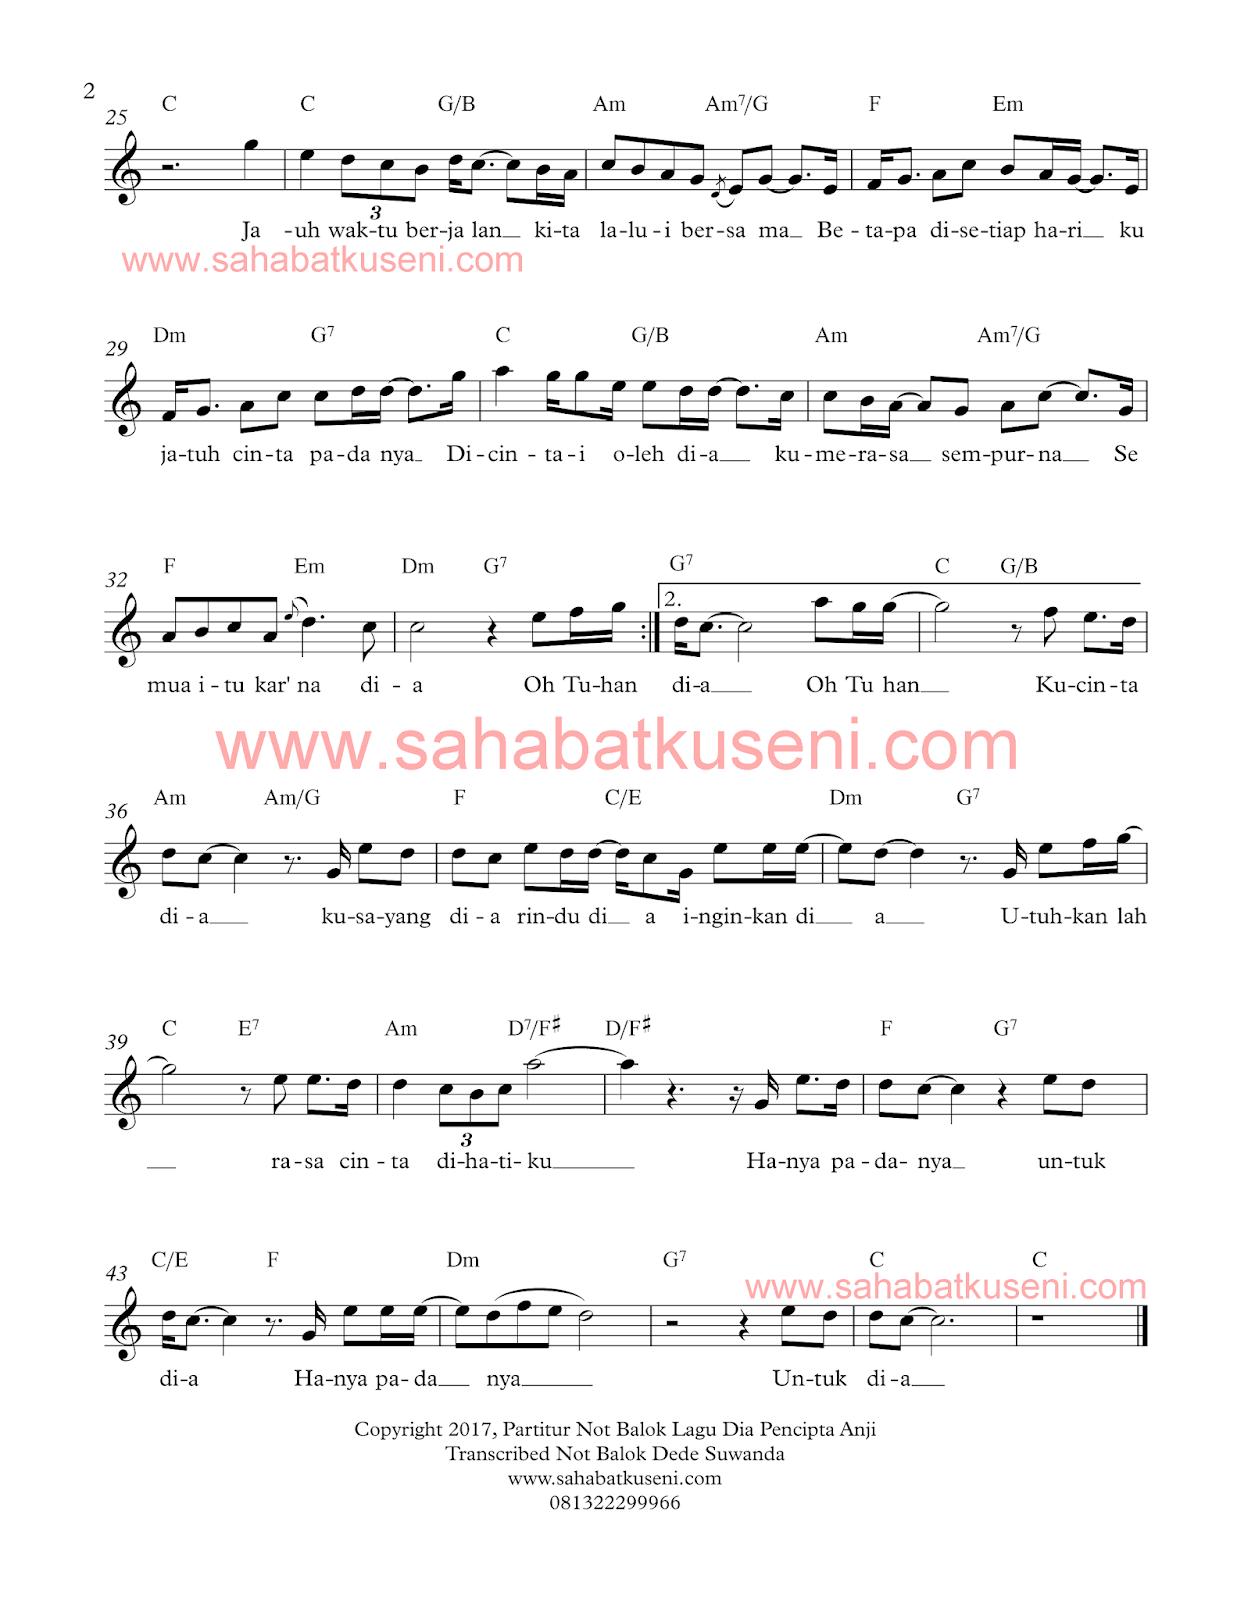 penulisan partitur not balok lagu dia karya dari Anji lengkap kunci C